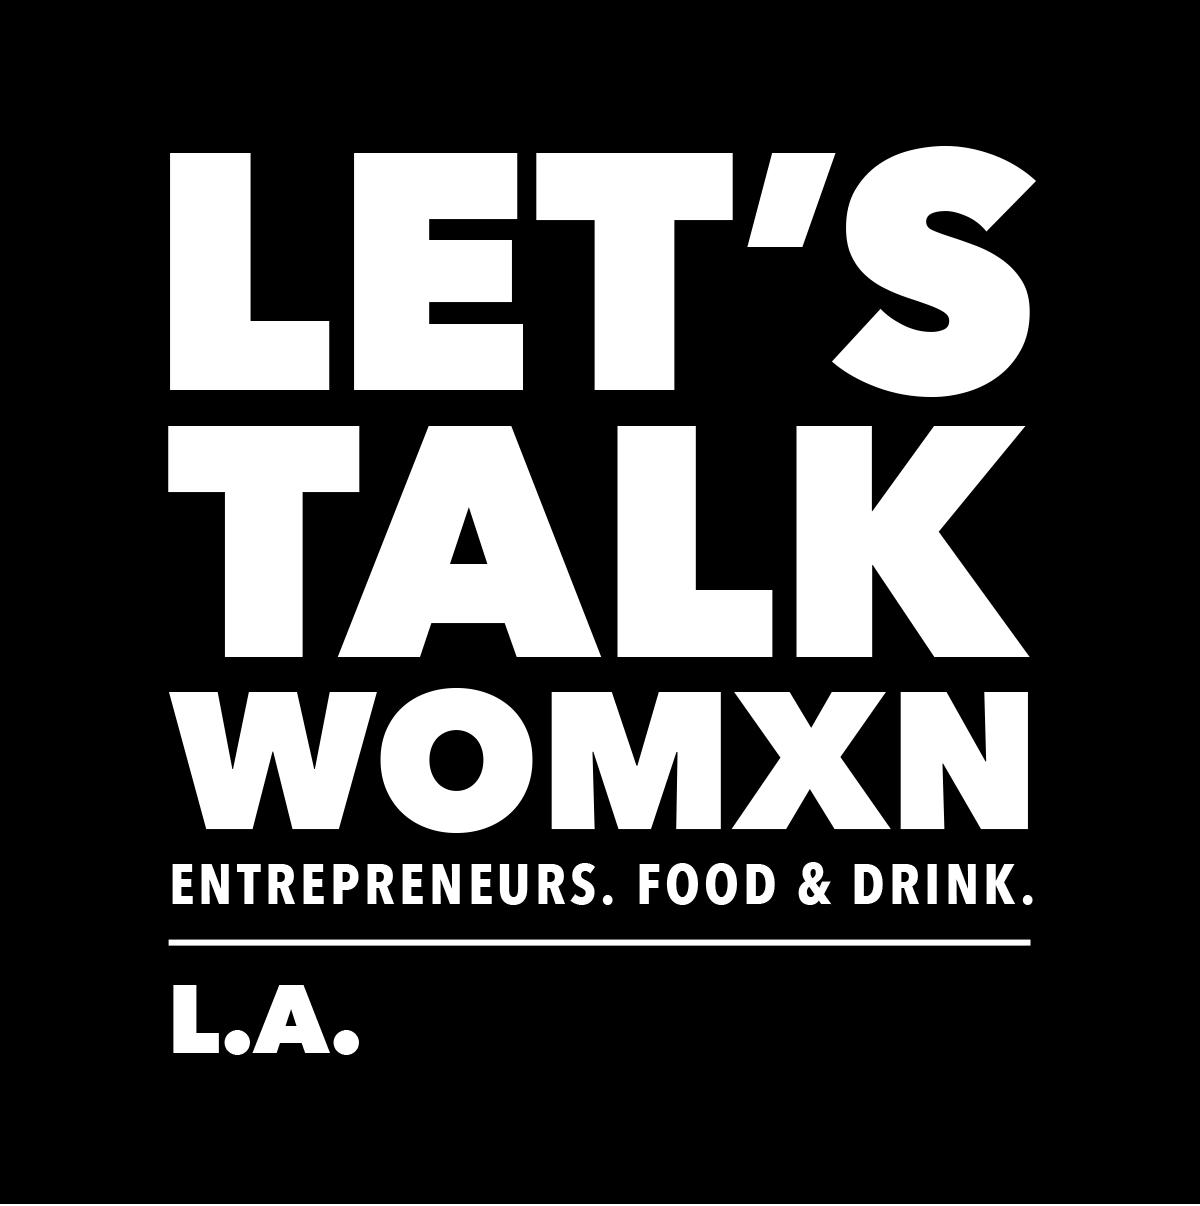 Let's Talk Womxn - Los Angeles